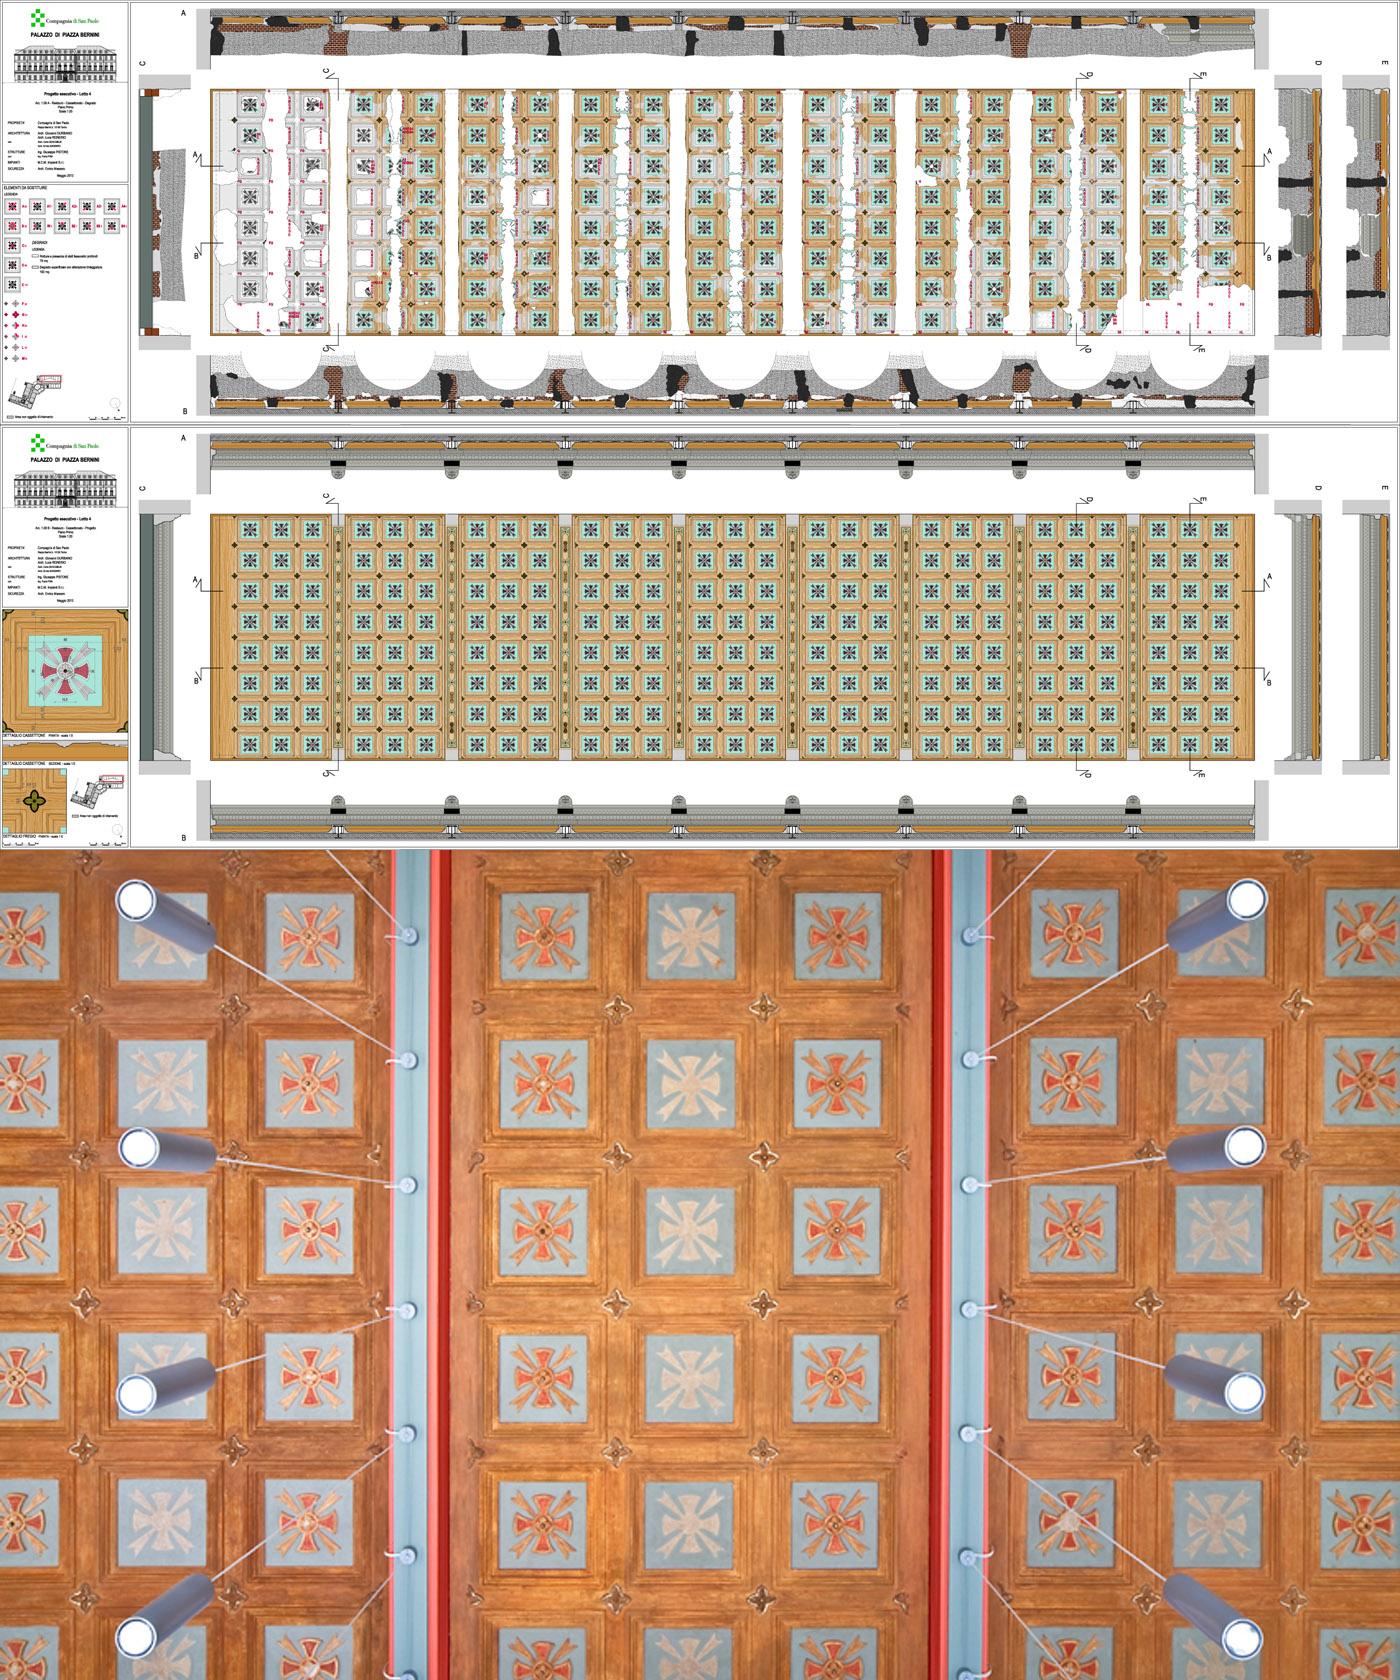 Restauro e trasformazione in uffici di un palazzo ottocentesco. Il restauro del cassettonato | Bottega di Architettura